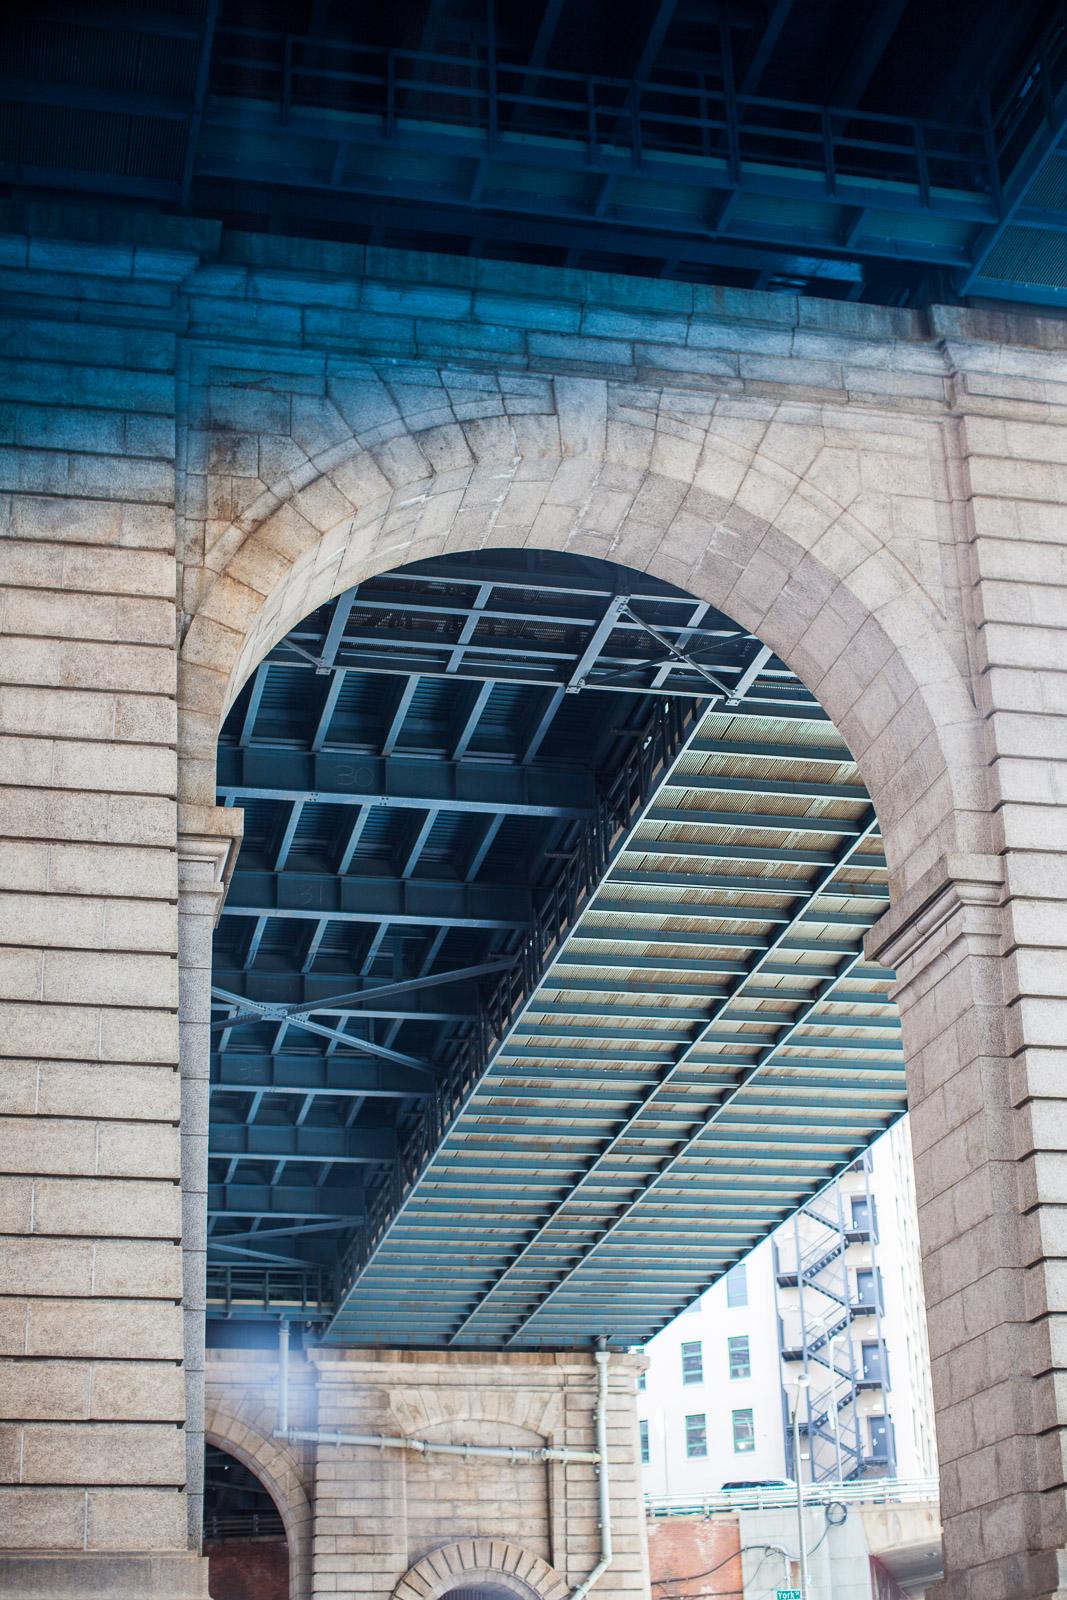 brooklyn-bridge-park-robertiaga-17